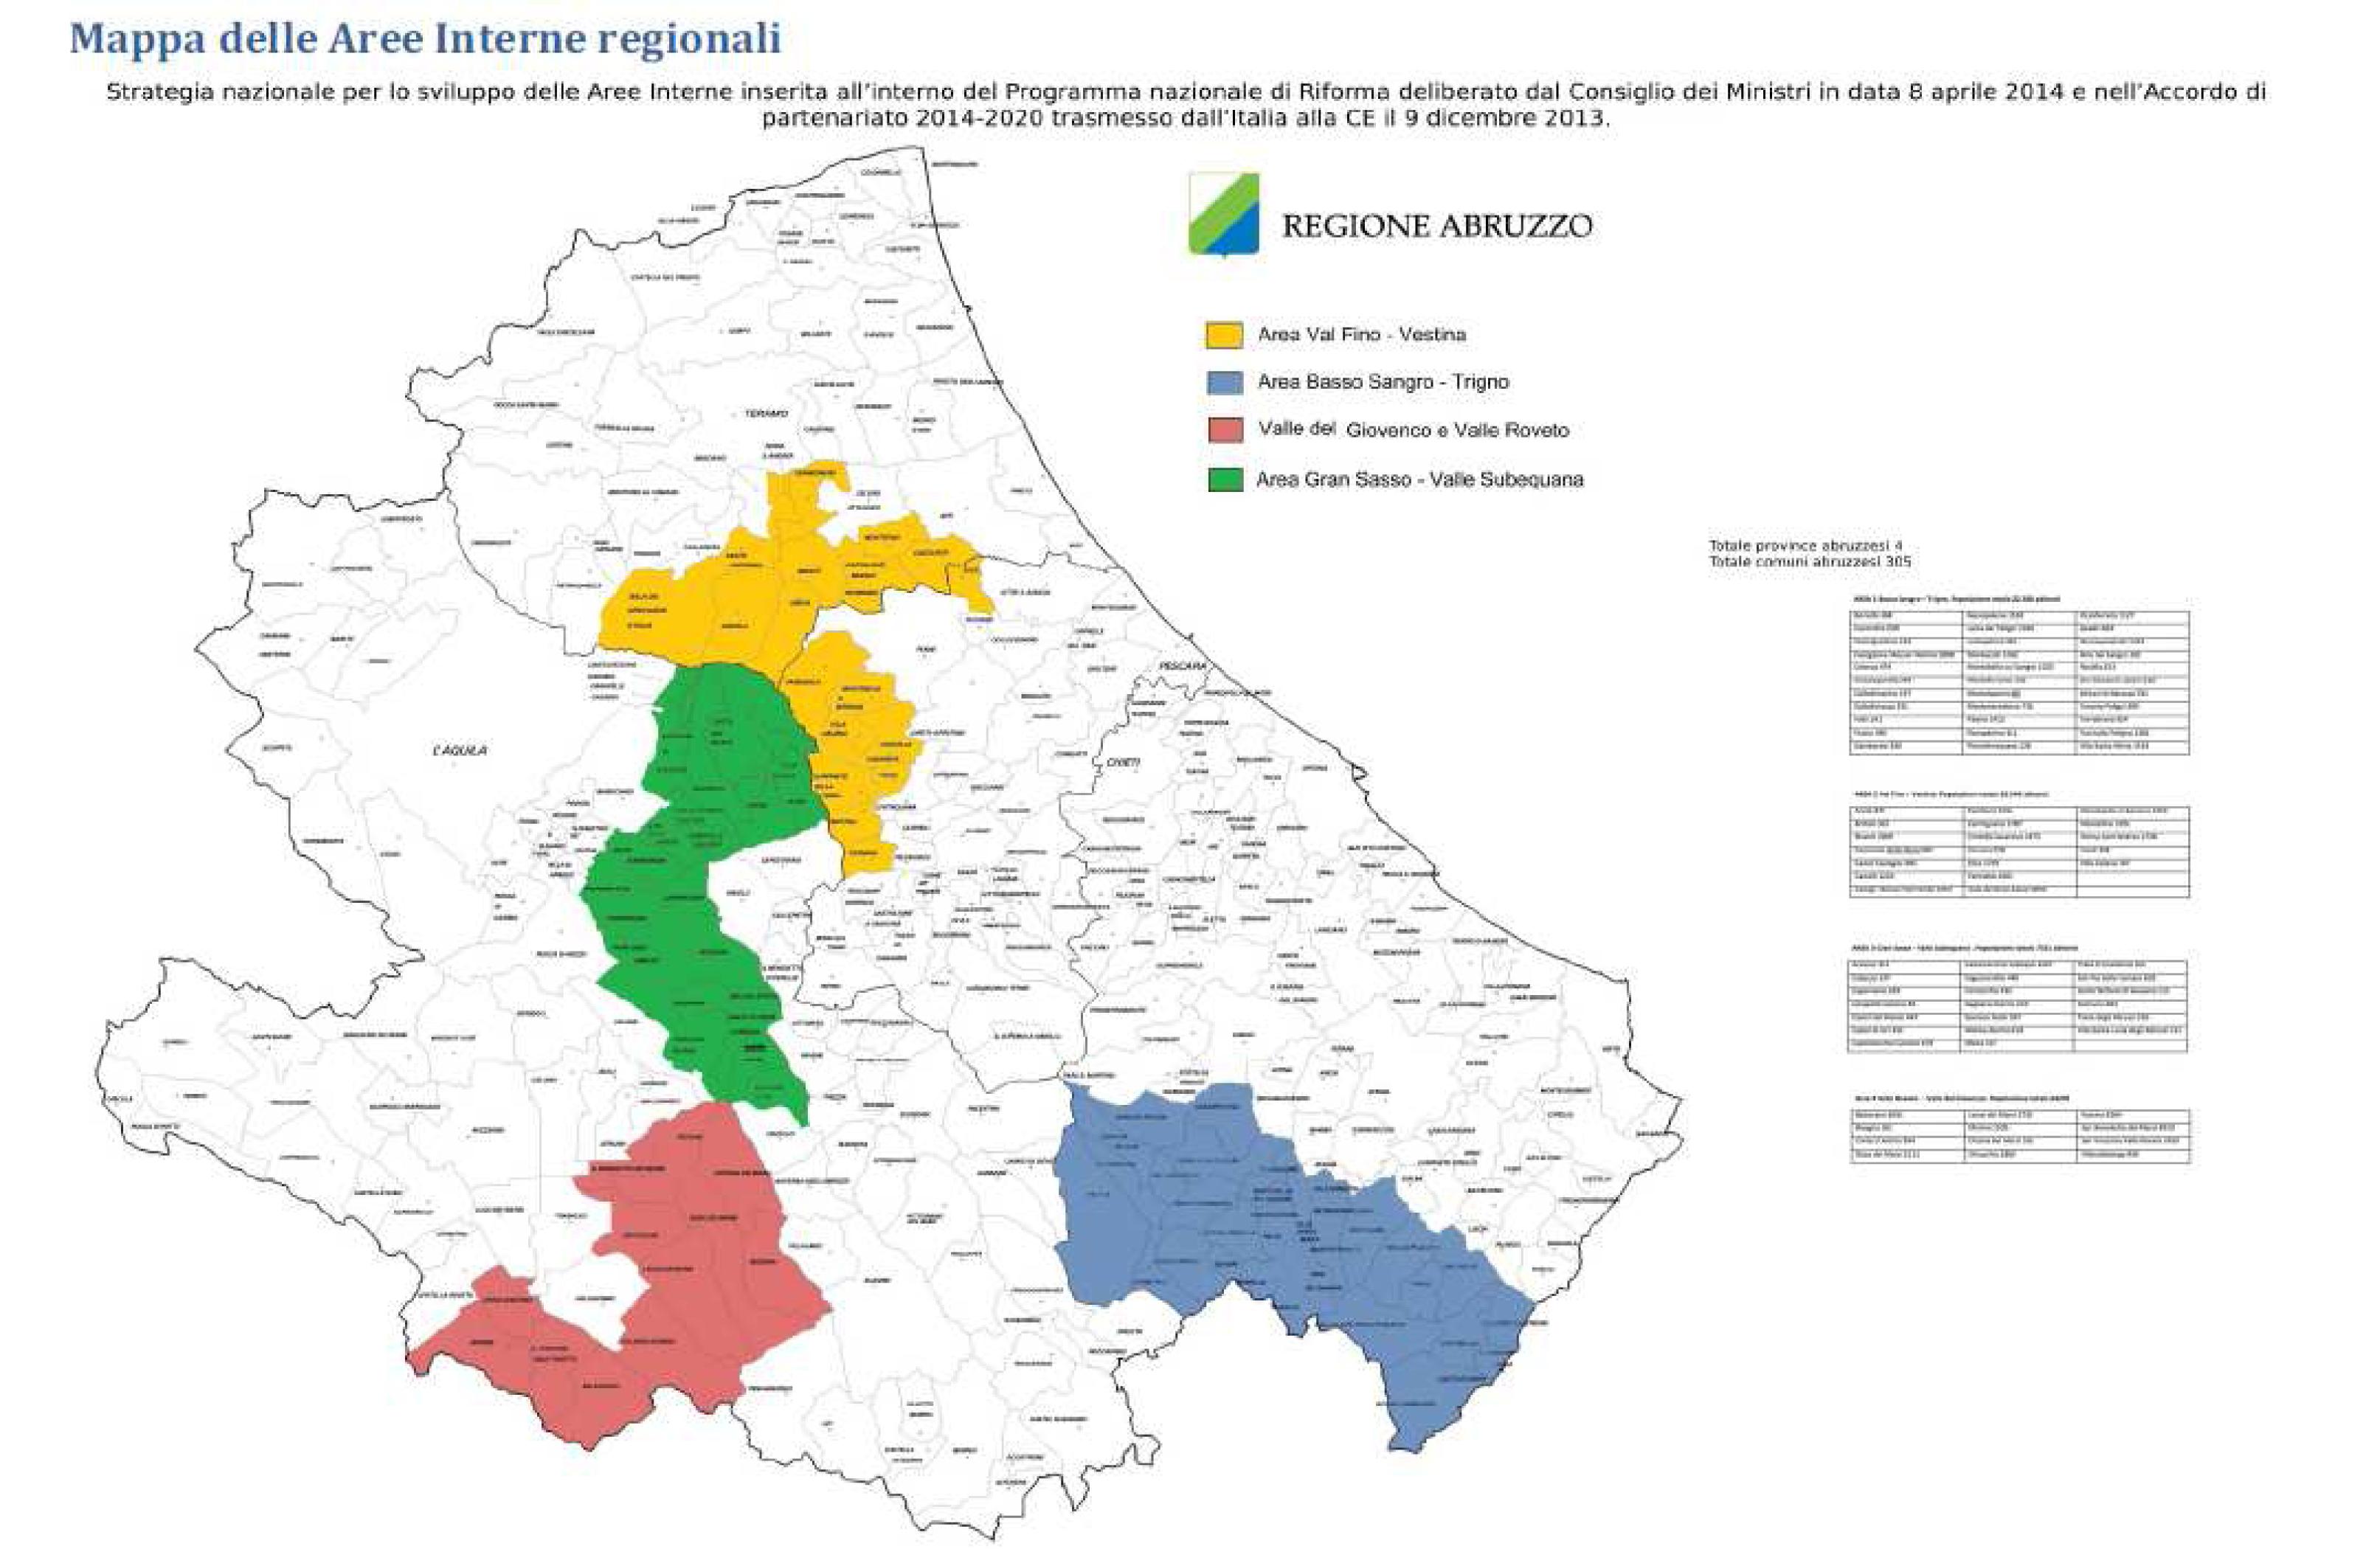 Cartina Della Regione Abruzzo.Legittimazione Usi Civici Regione Abruzzo Portale